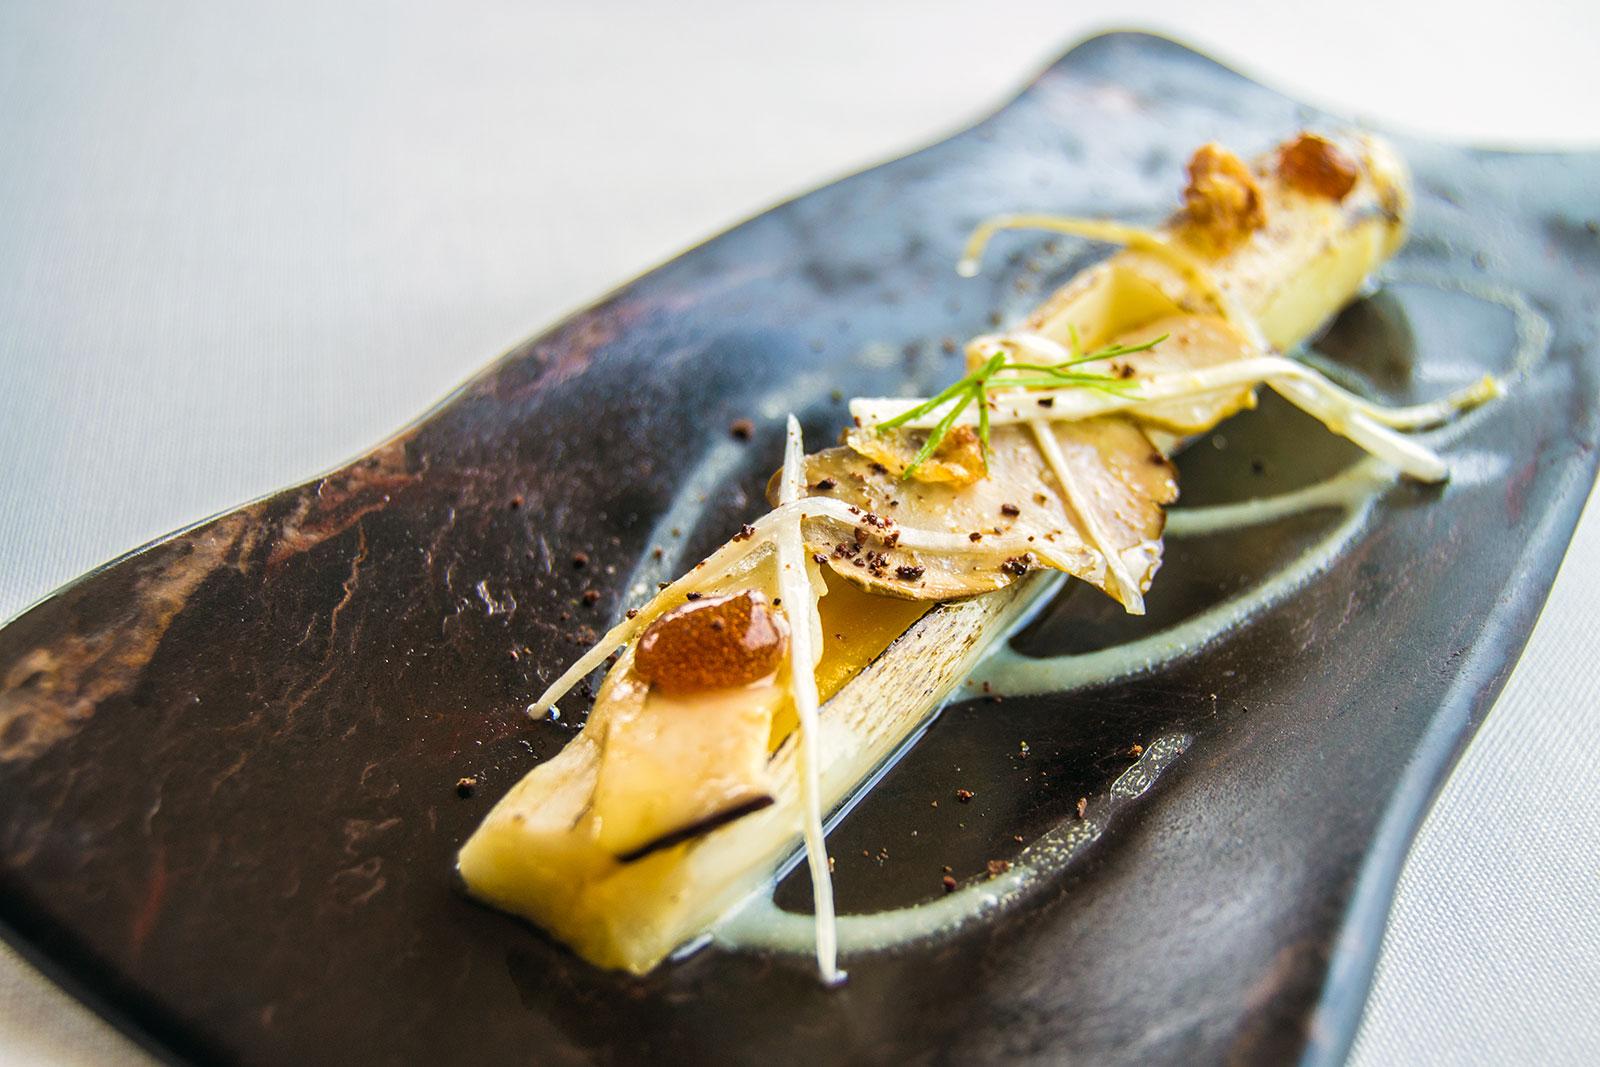 Espárragos frescos con emulsión de yema y trufa, hongos en escabeche y papada - El Mirador de Ulía